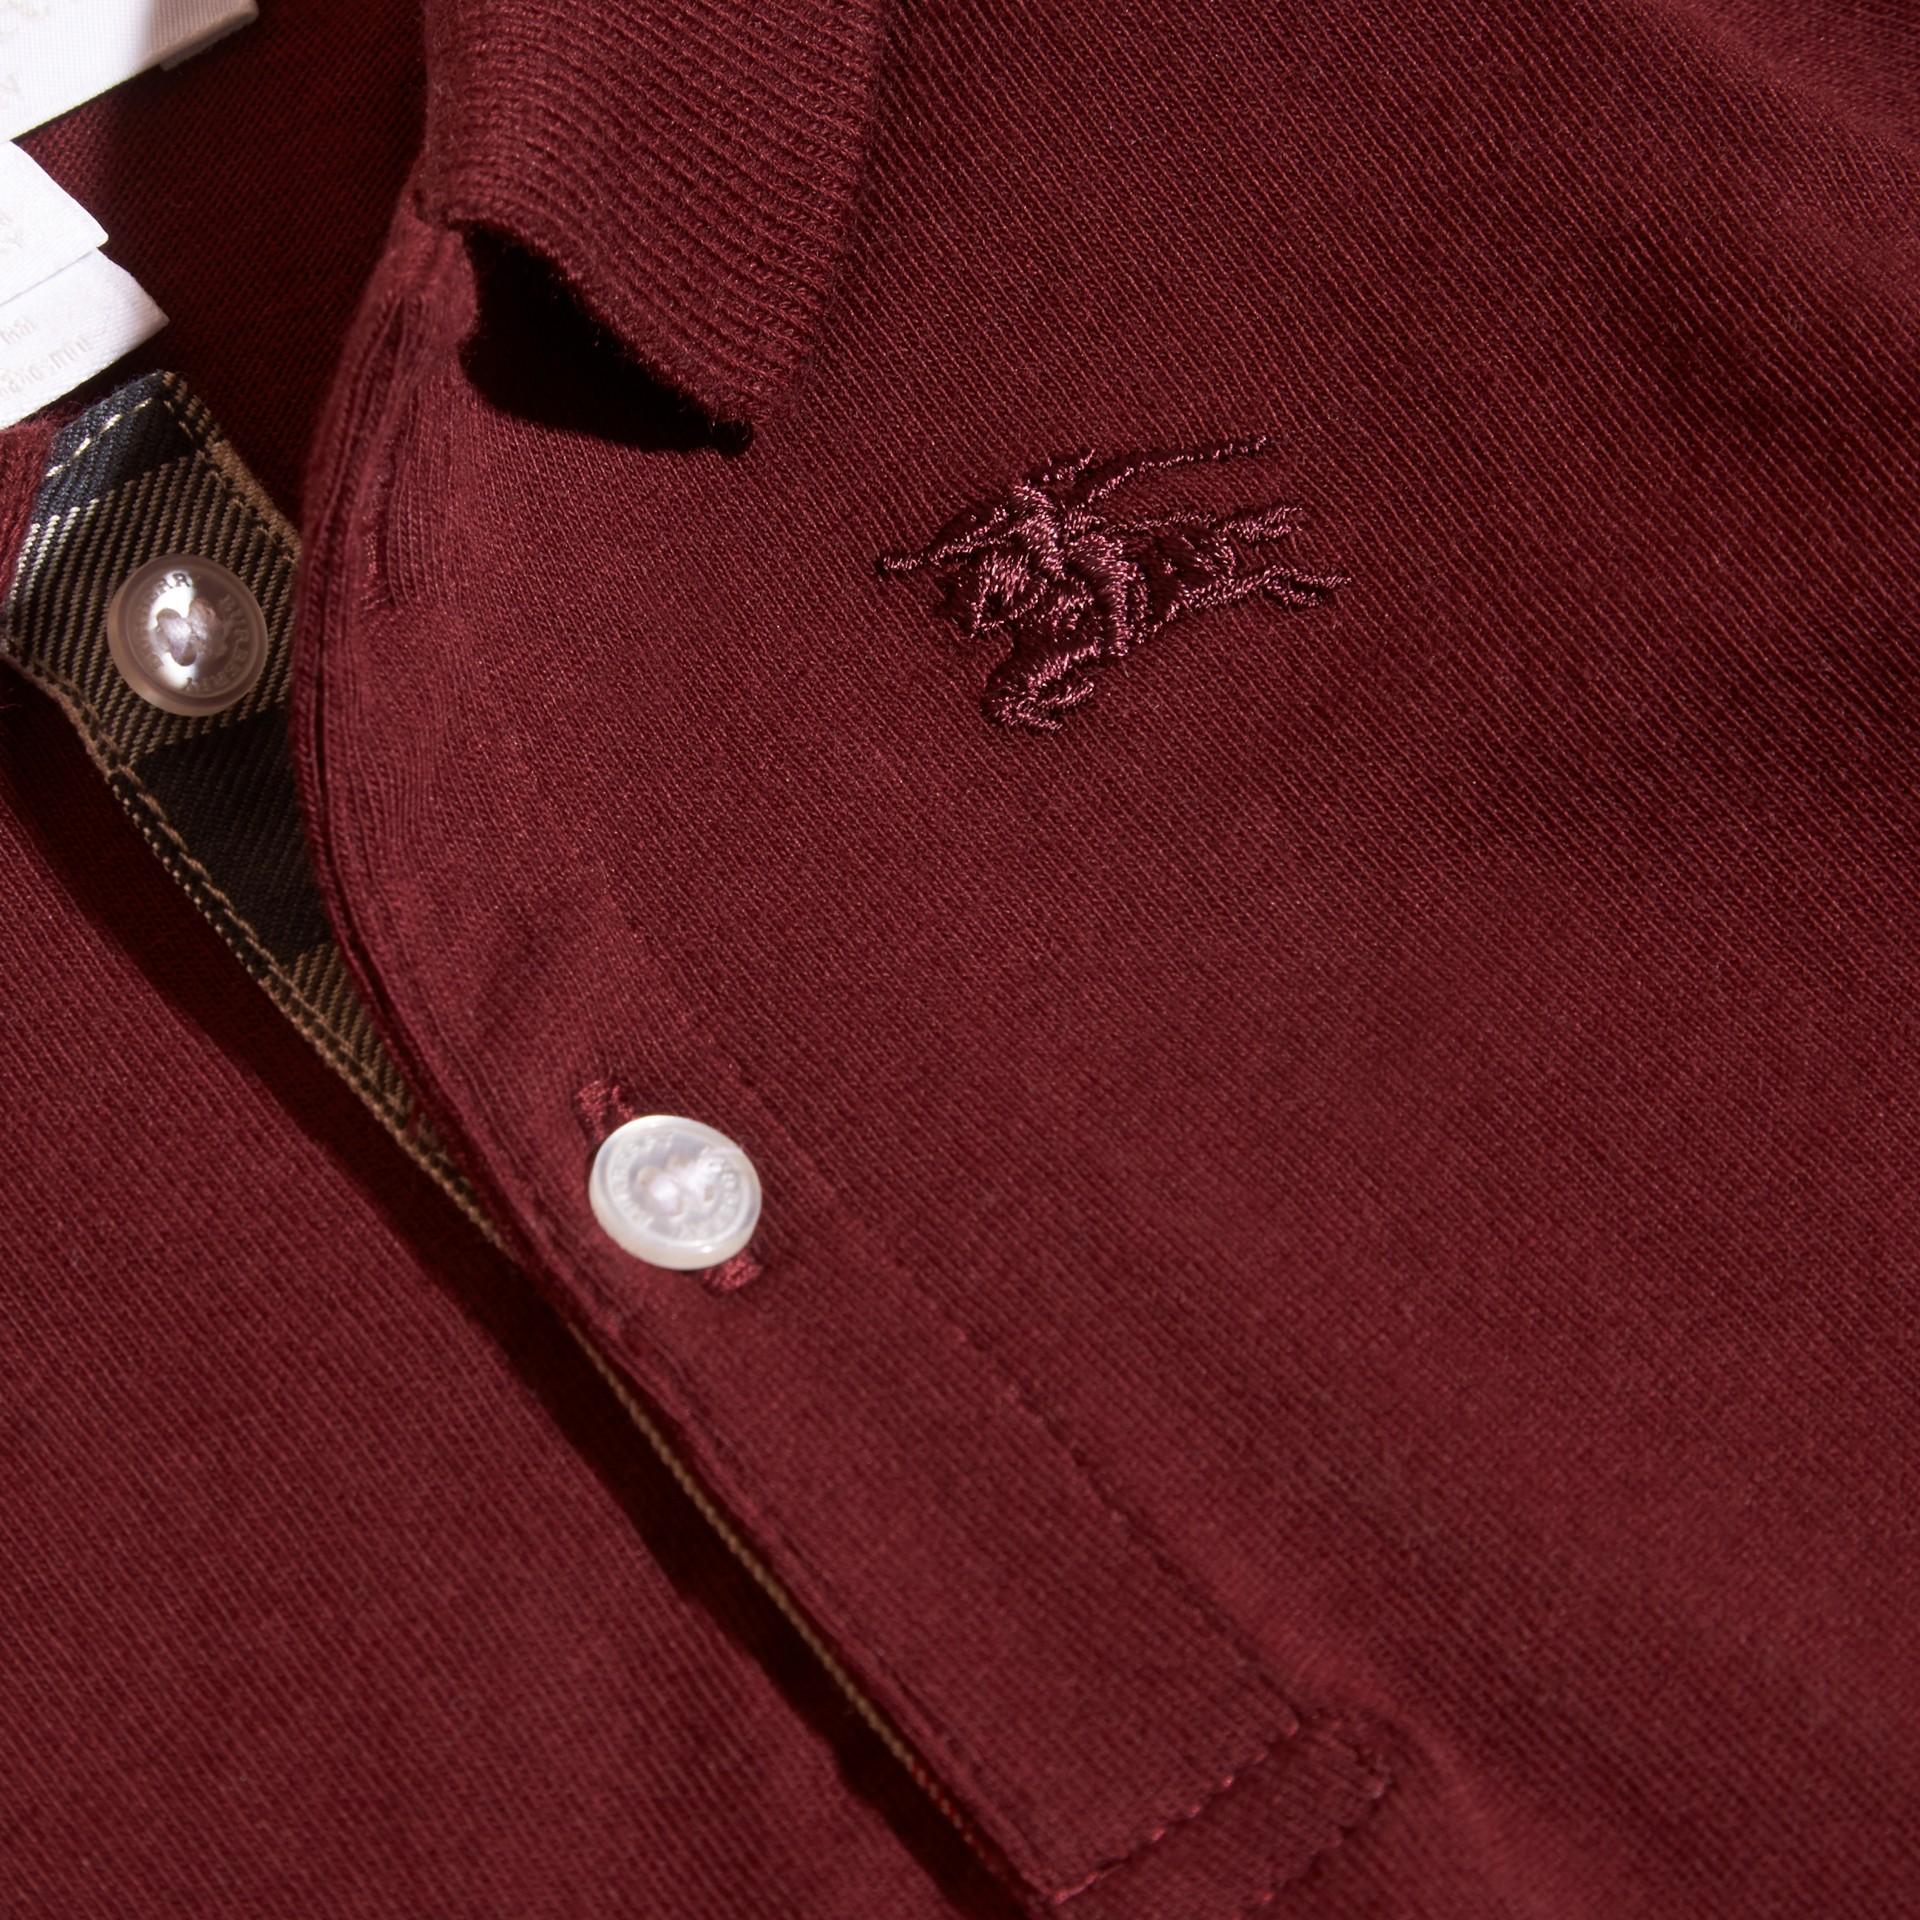 Rouge bourgogne Polo à manches longues en coton avec éléments check Rouge Bourgogne - photo de la galerie 3